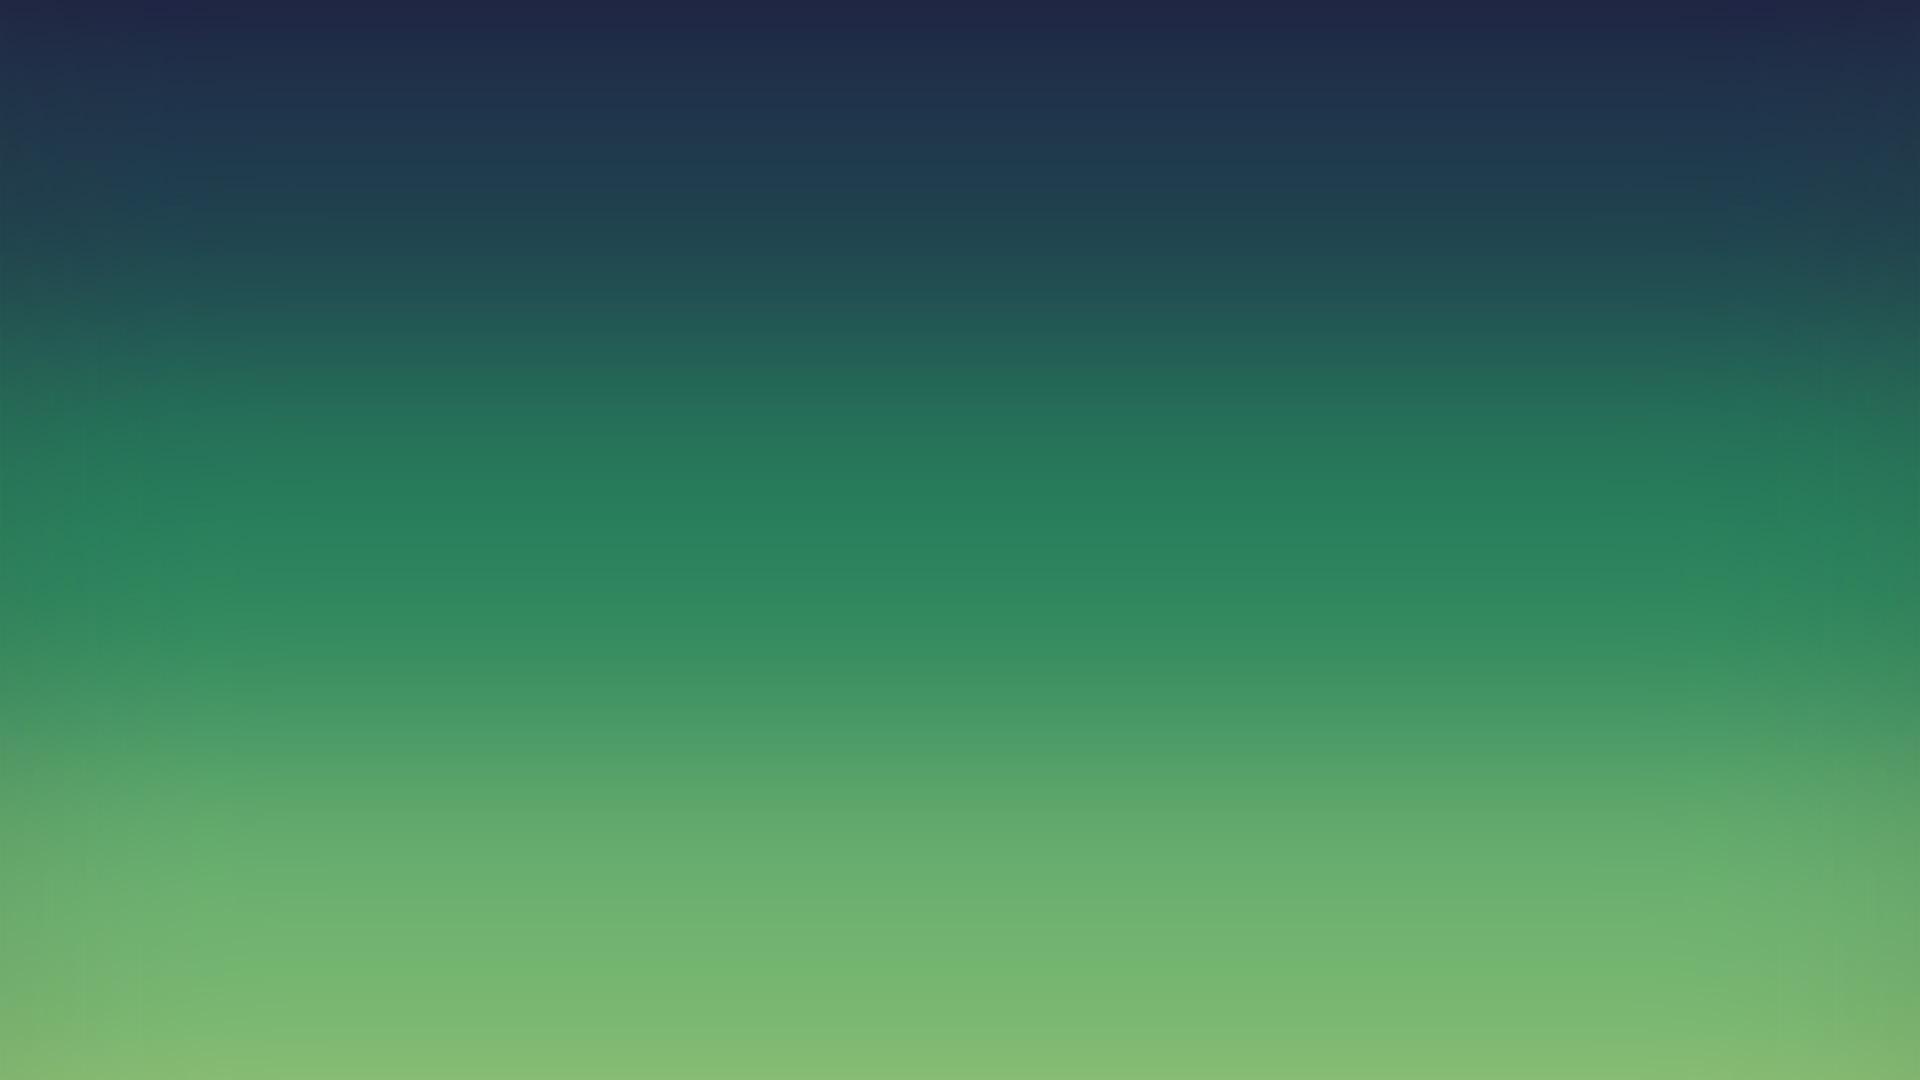 sj41 calm lake blue green yellow gradation blur wallpaper